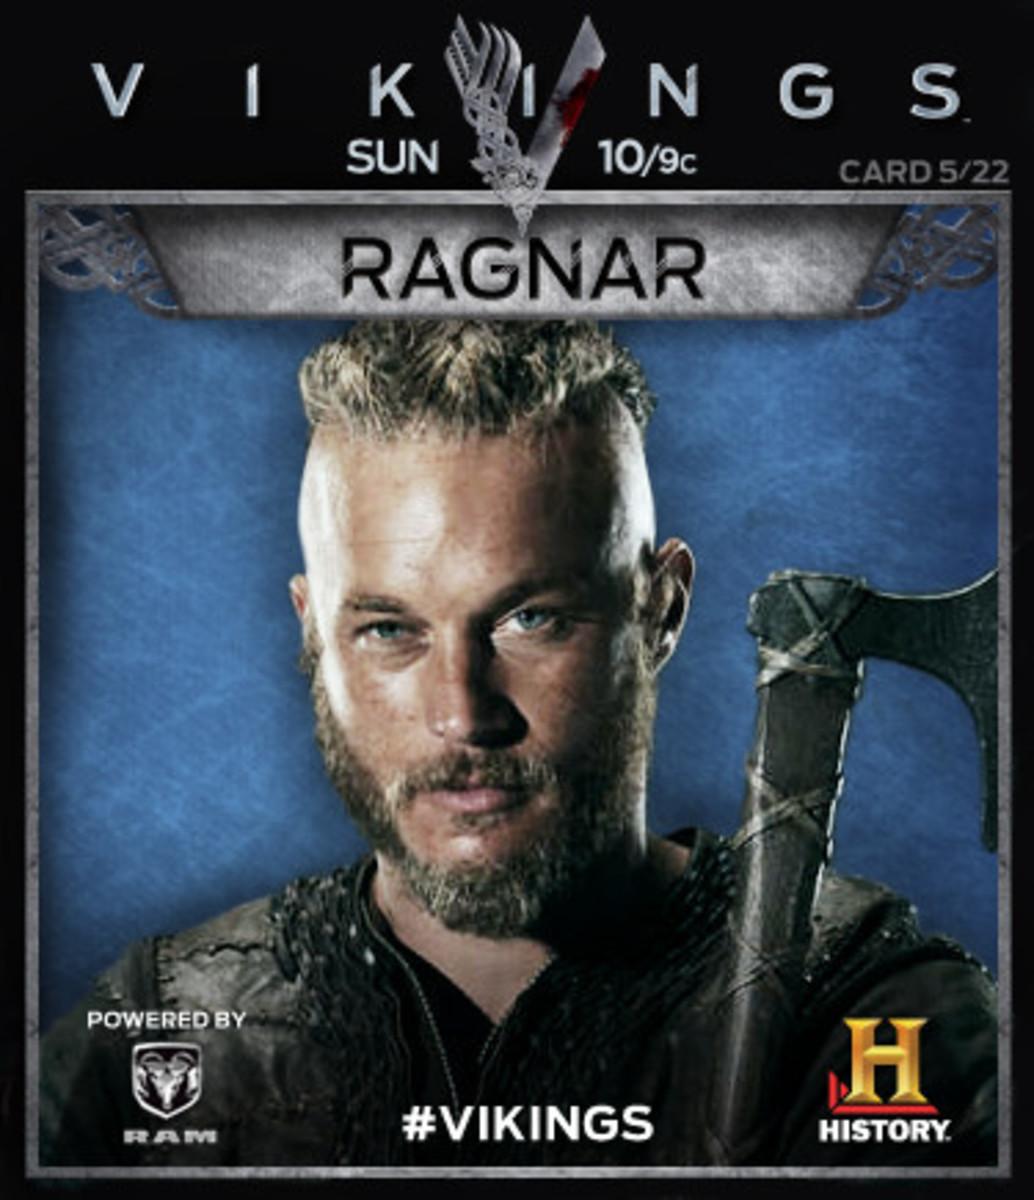 Do we see Ragnar go 'Berserker' in some battles?